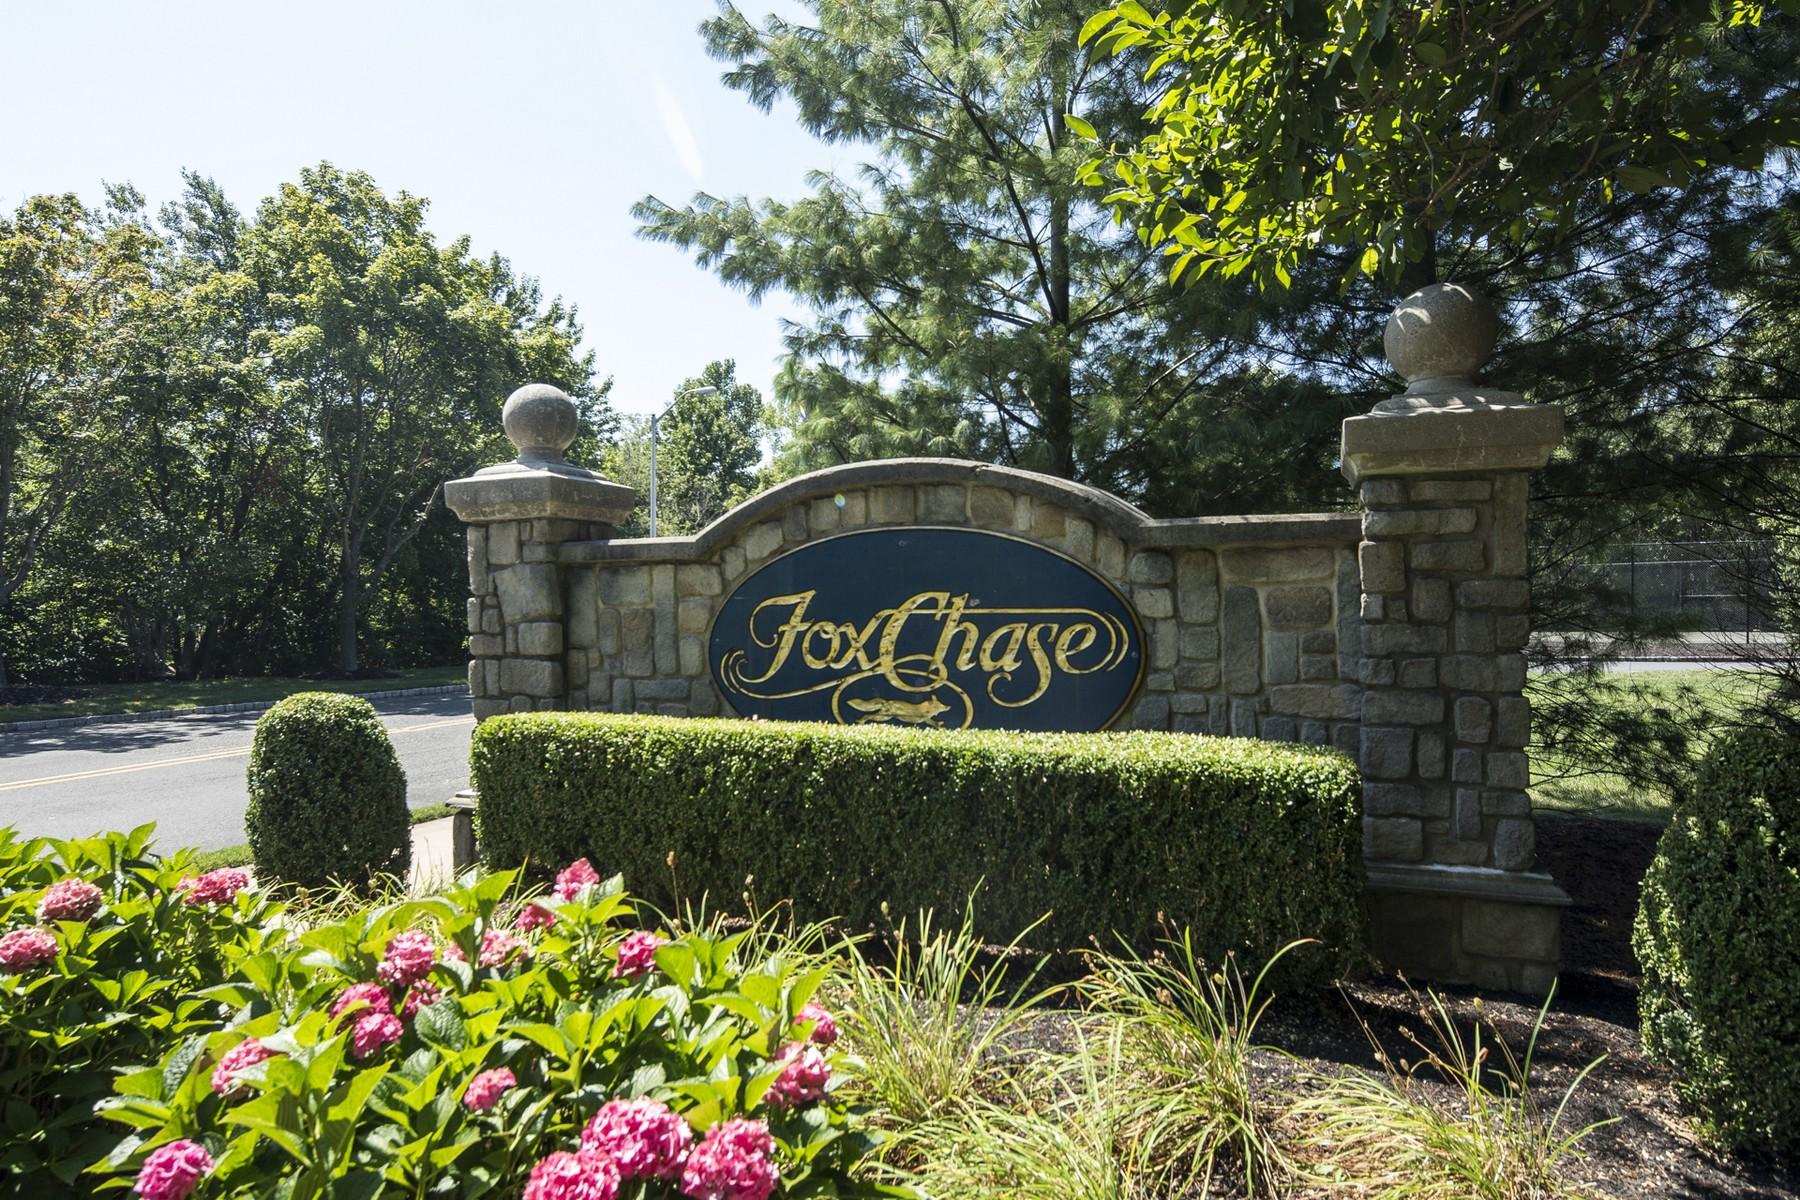 联栋屋 为 销售 在 Fox Chase 26 Forrest Ct. 廷顿瀑布市, 新泽西州, 07753 美国